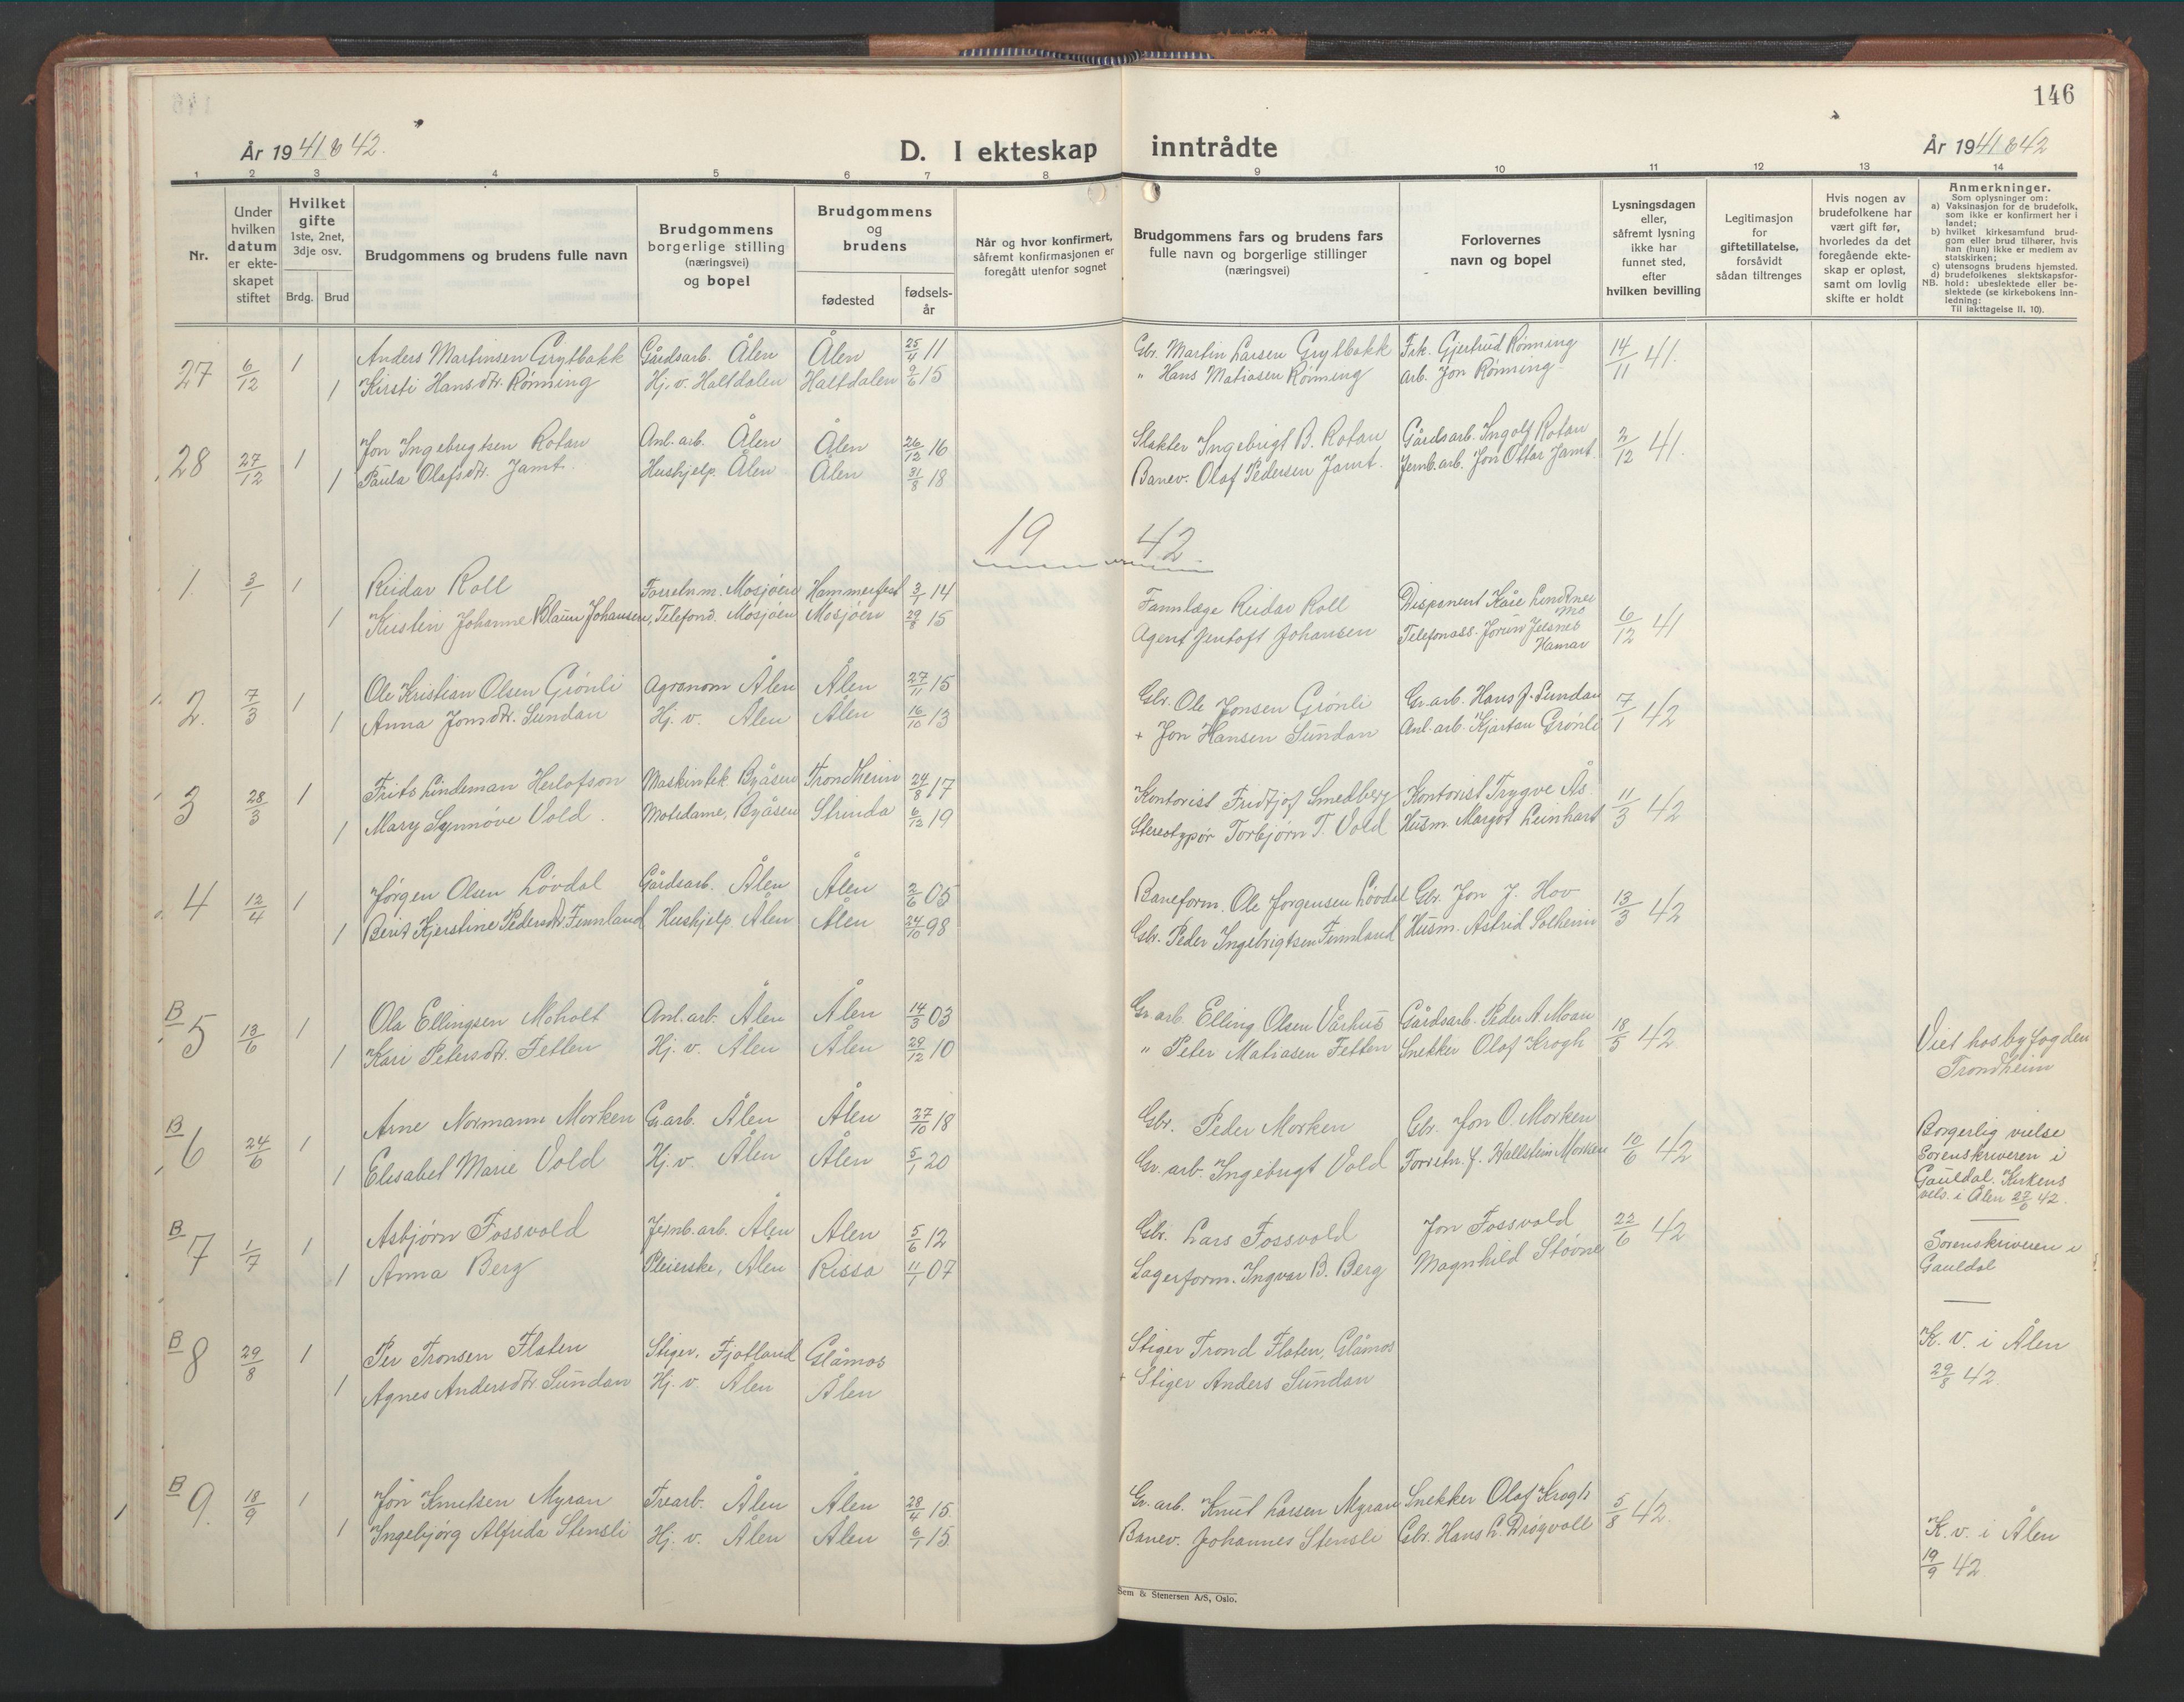 SAT, Ministerialprotokoller, klokkerbøker og fødselsregistre - Sør-Trøndelag, 686/L0986: Klokkerbok nr. 686C02, 1933-1950, s. 146